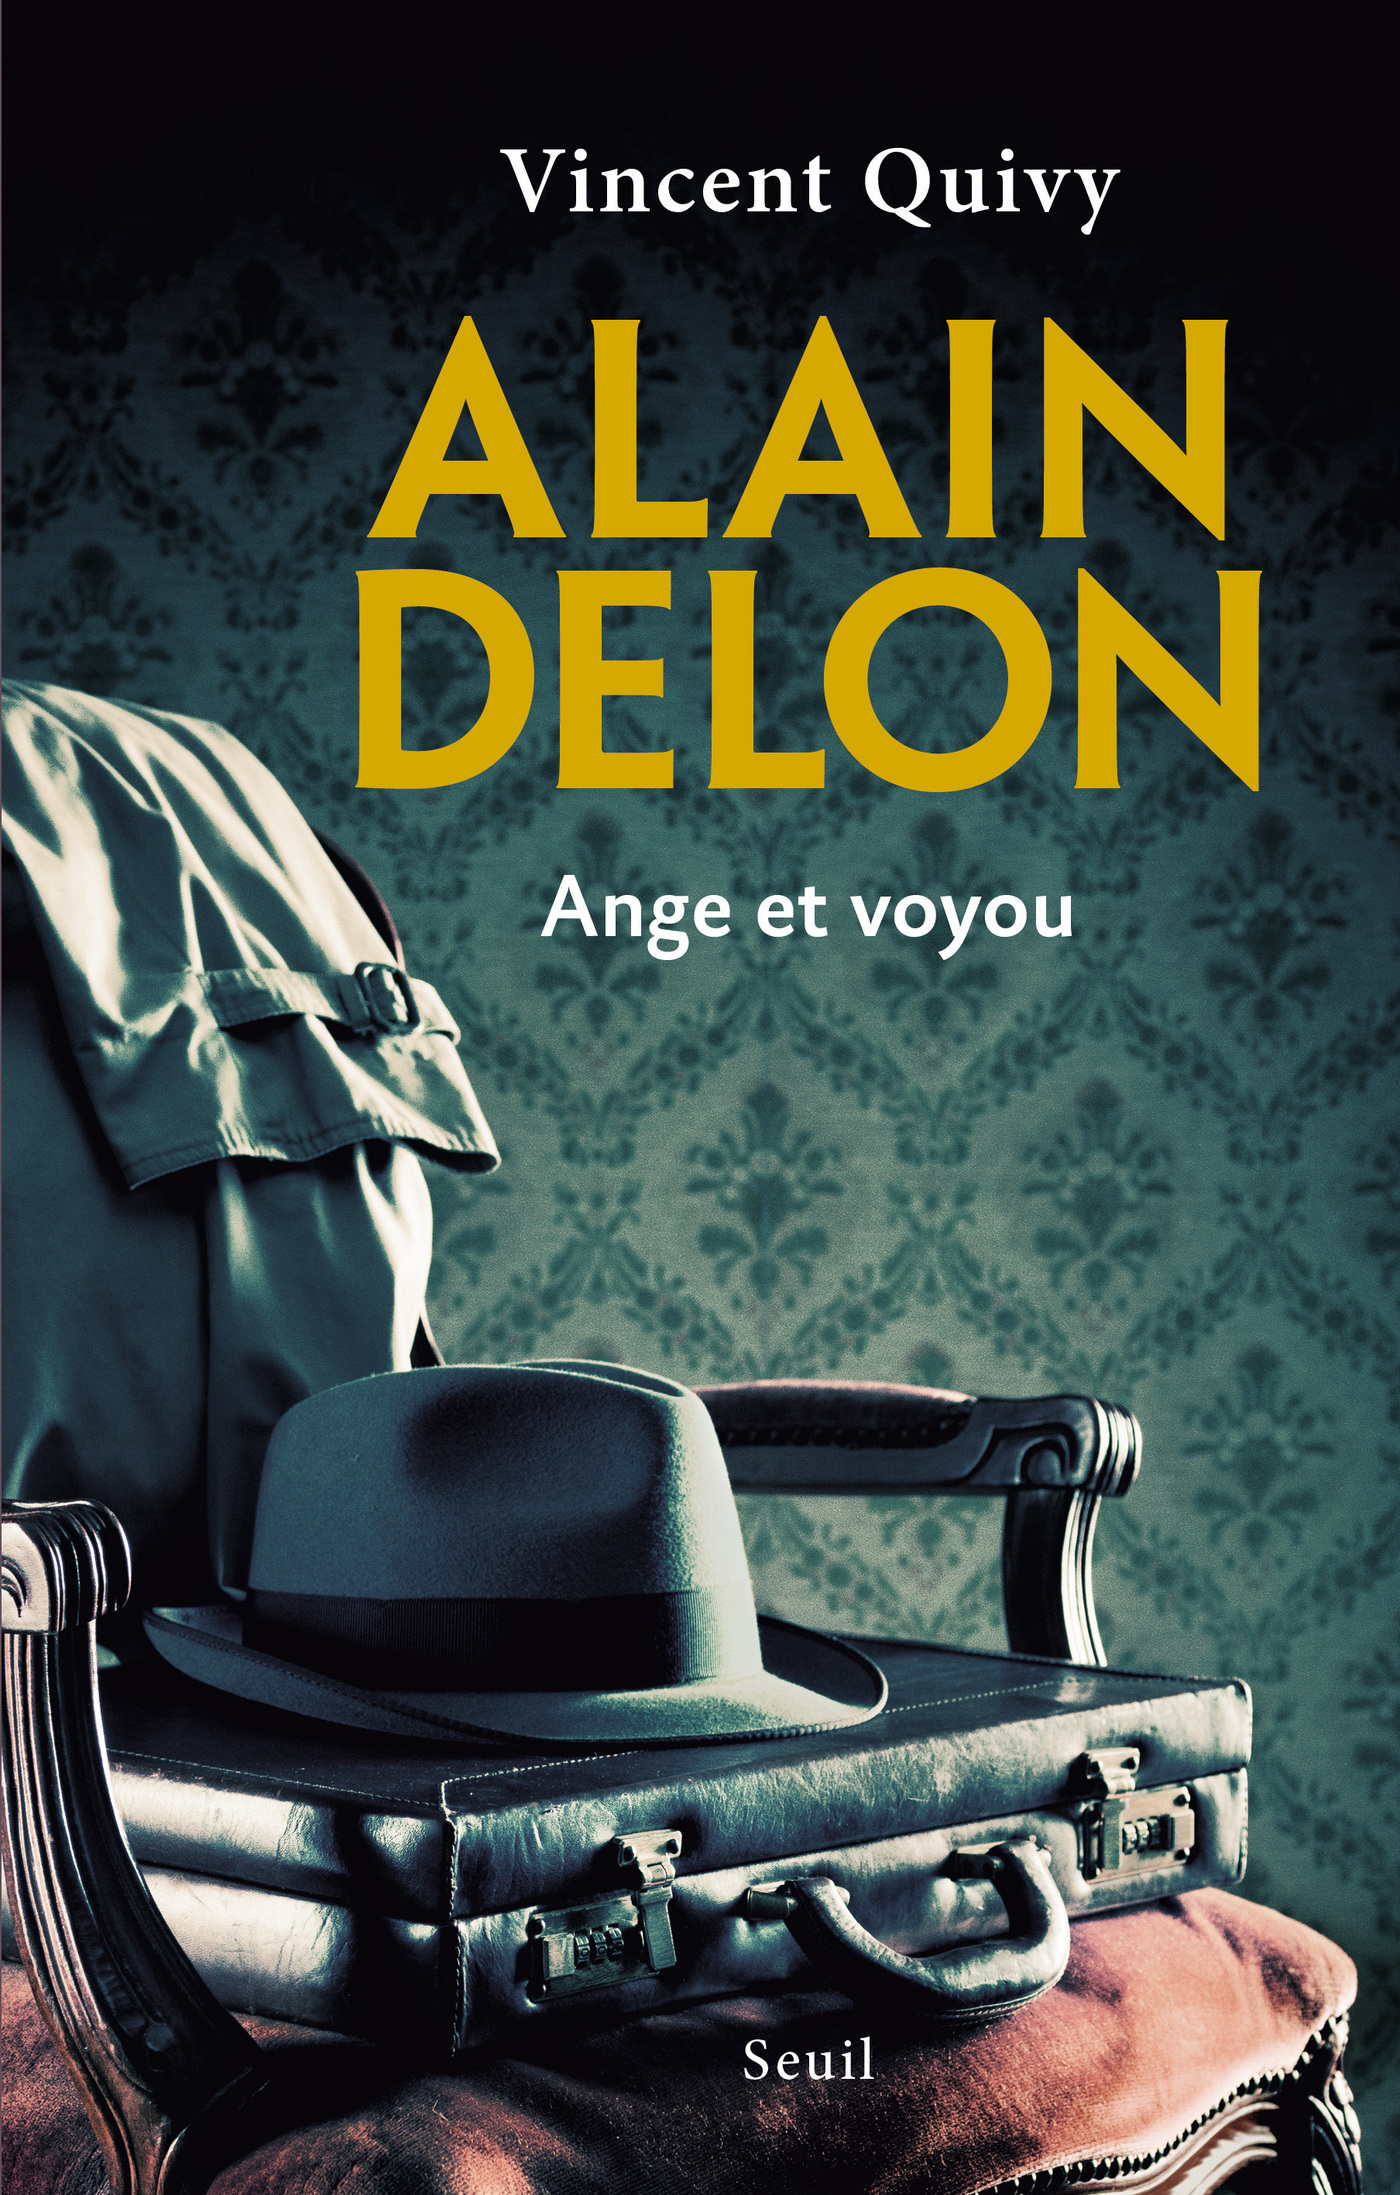 Alain Delon, ange et voyou